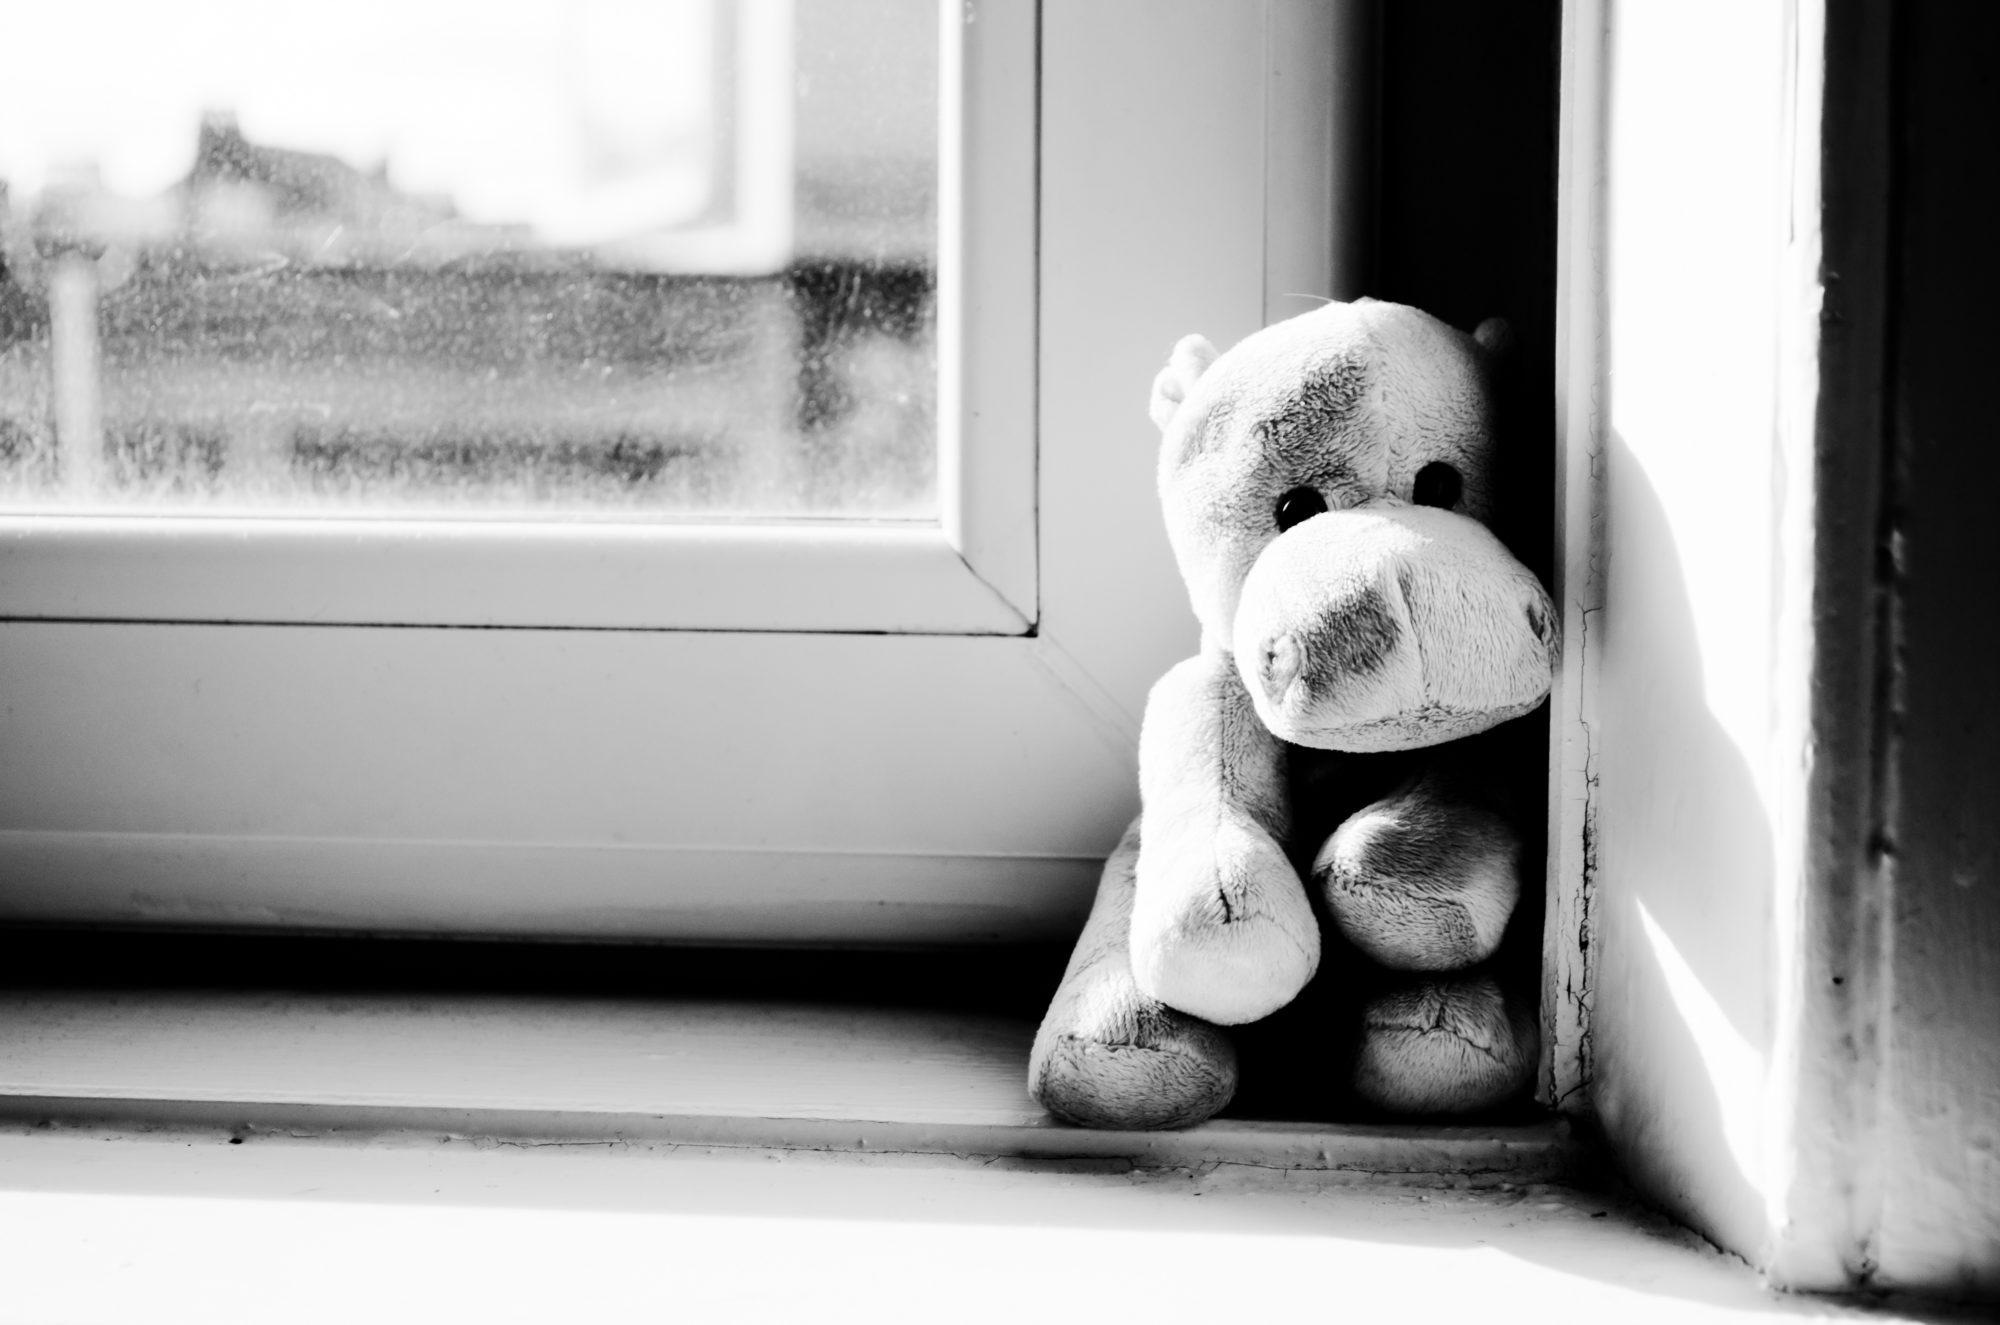 Двух детей пытались похитить в Усолье-Сибирском - СМИ